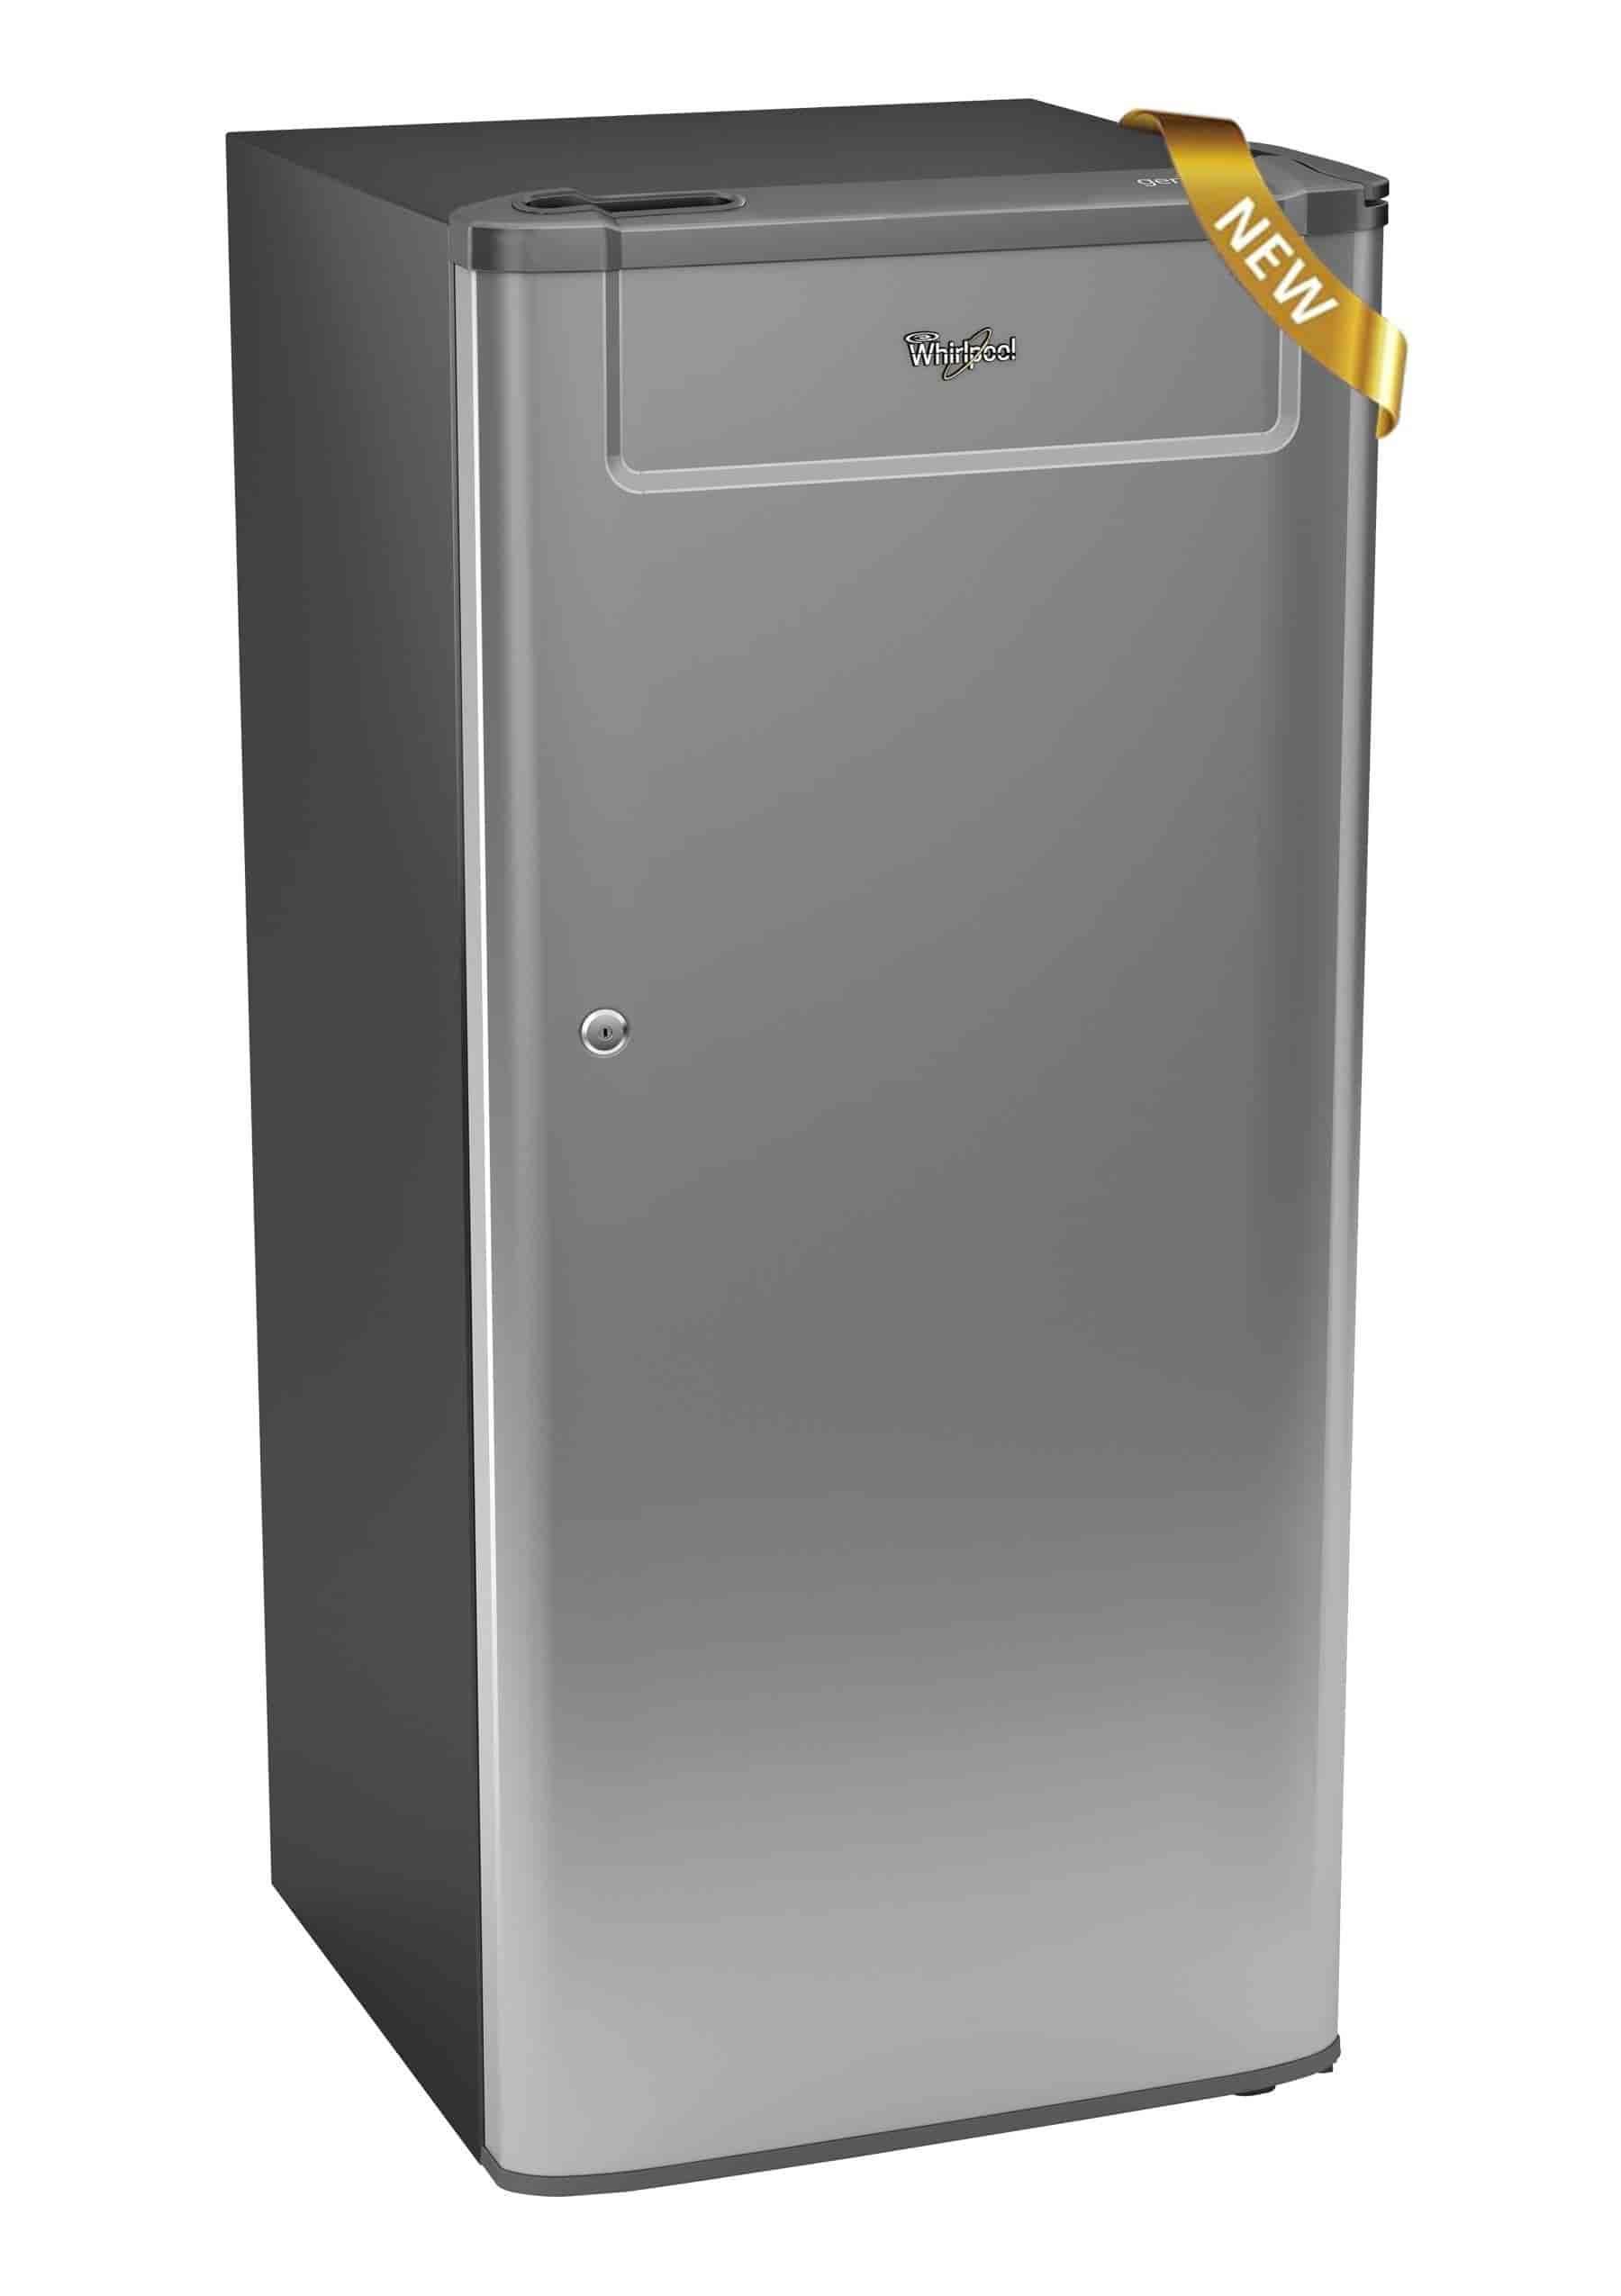 refff product lightbox single nl samsung doors door refrigerator ltr star